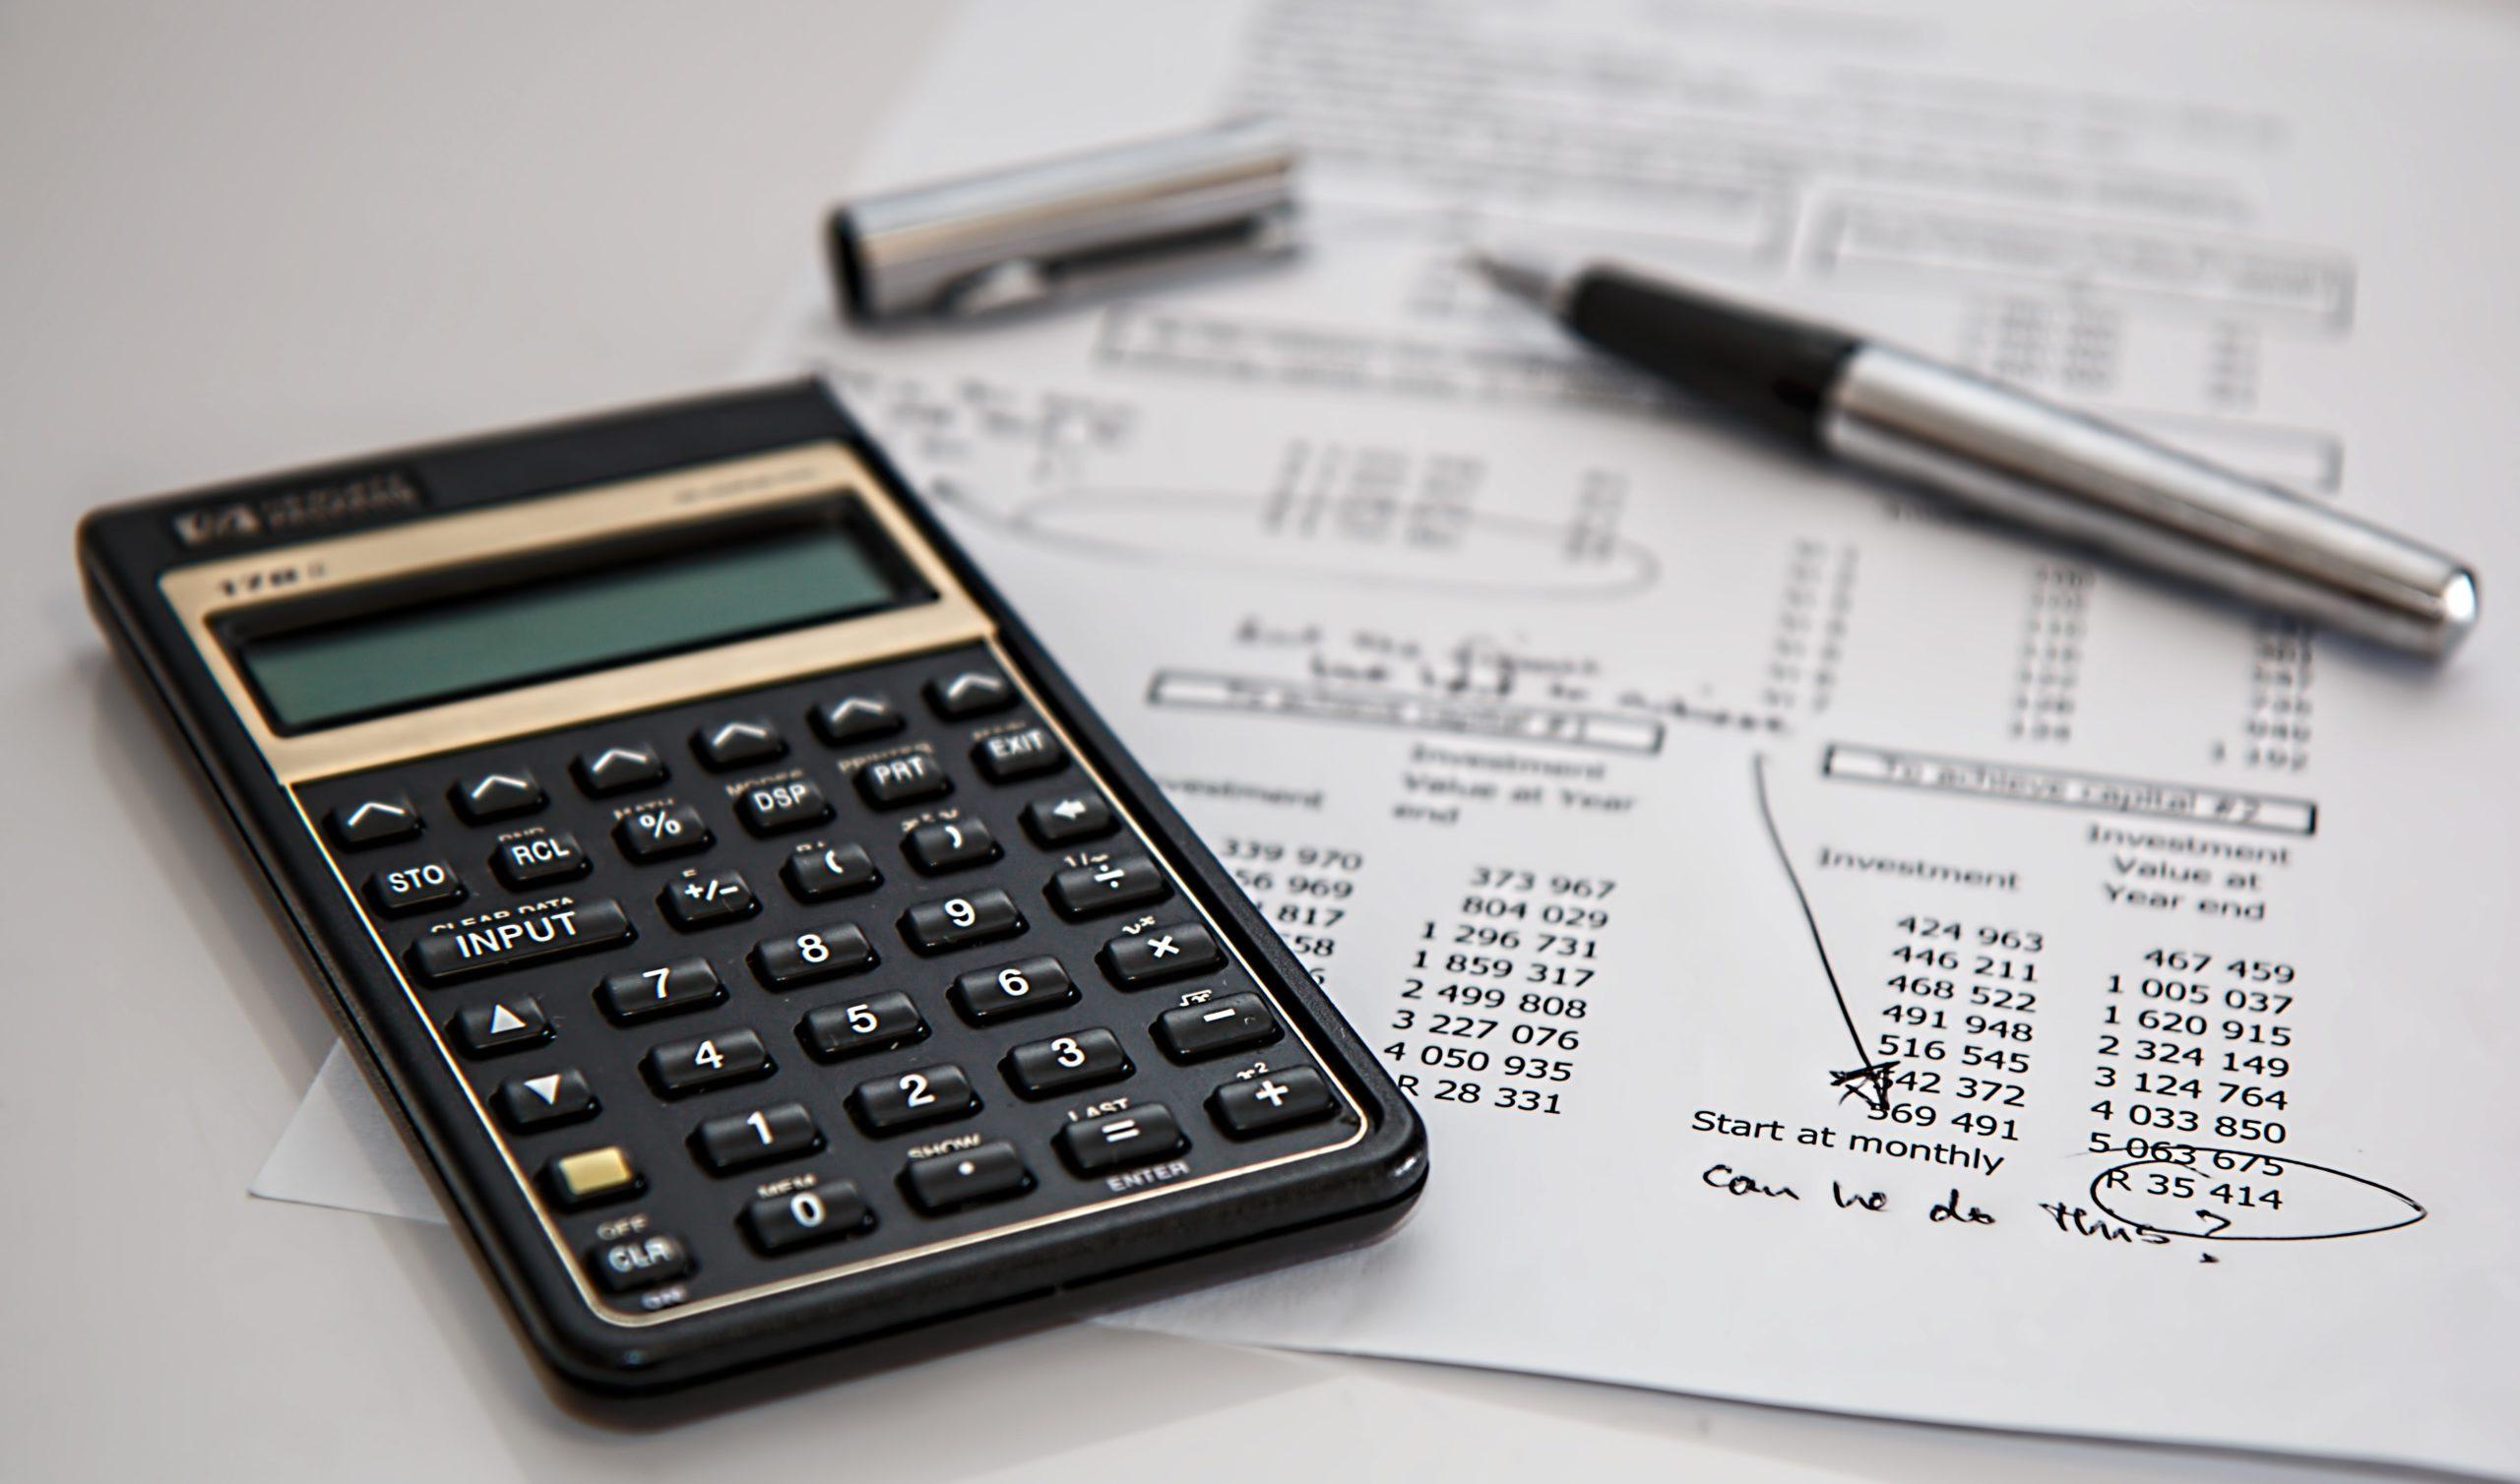 sat impuestos revision de cuentas informales bazar nenis 4